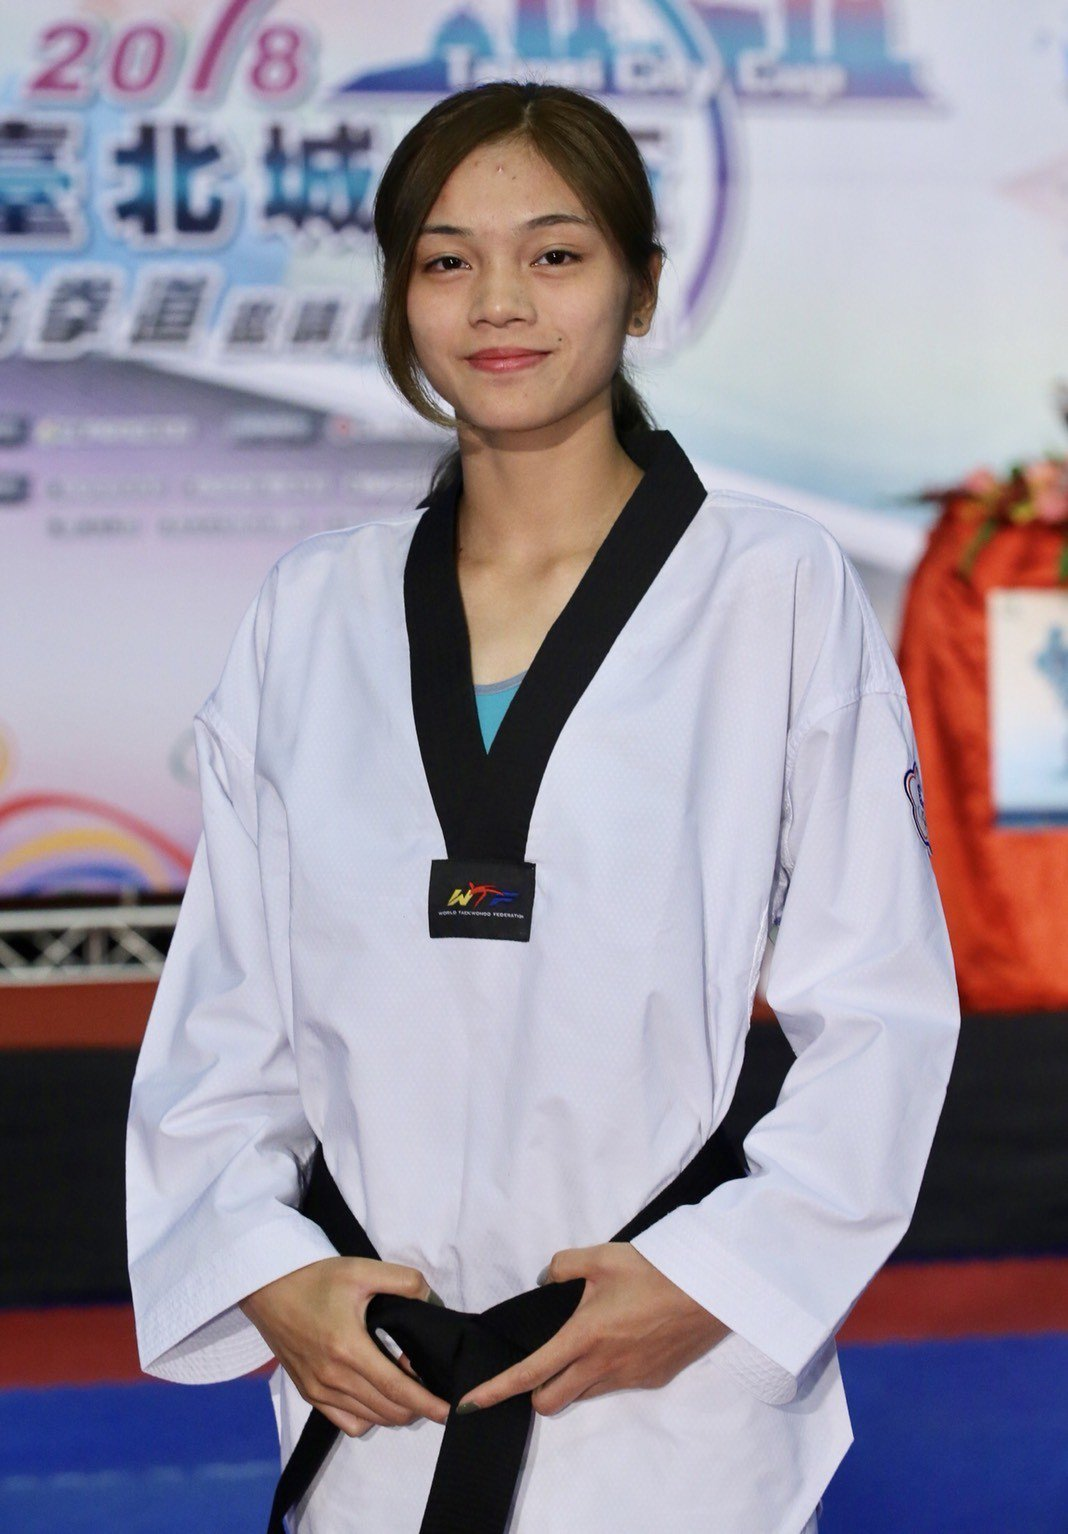 亞運新科金牌蘇柏亞擔任台北城市盃跆拳道邀請賽代言人。記者許正宏/攝影